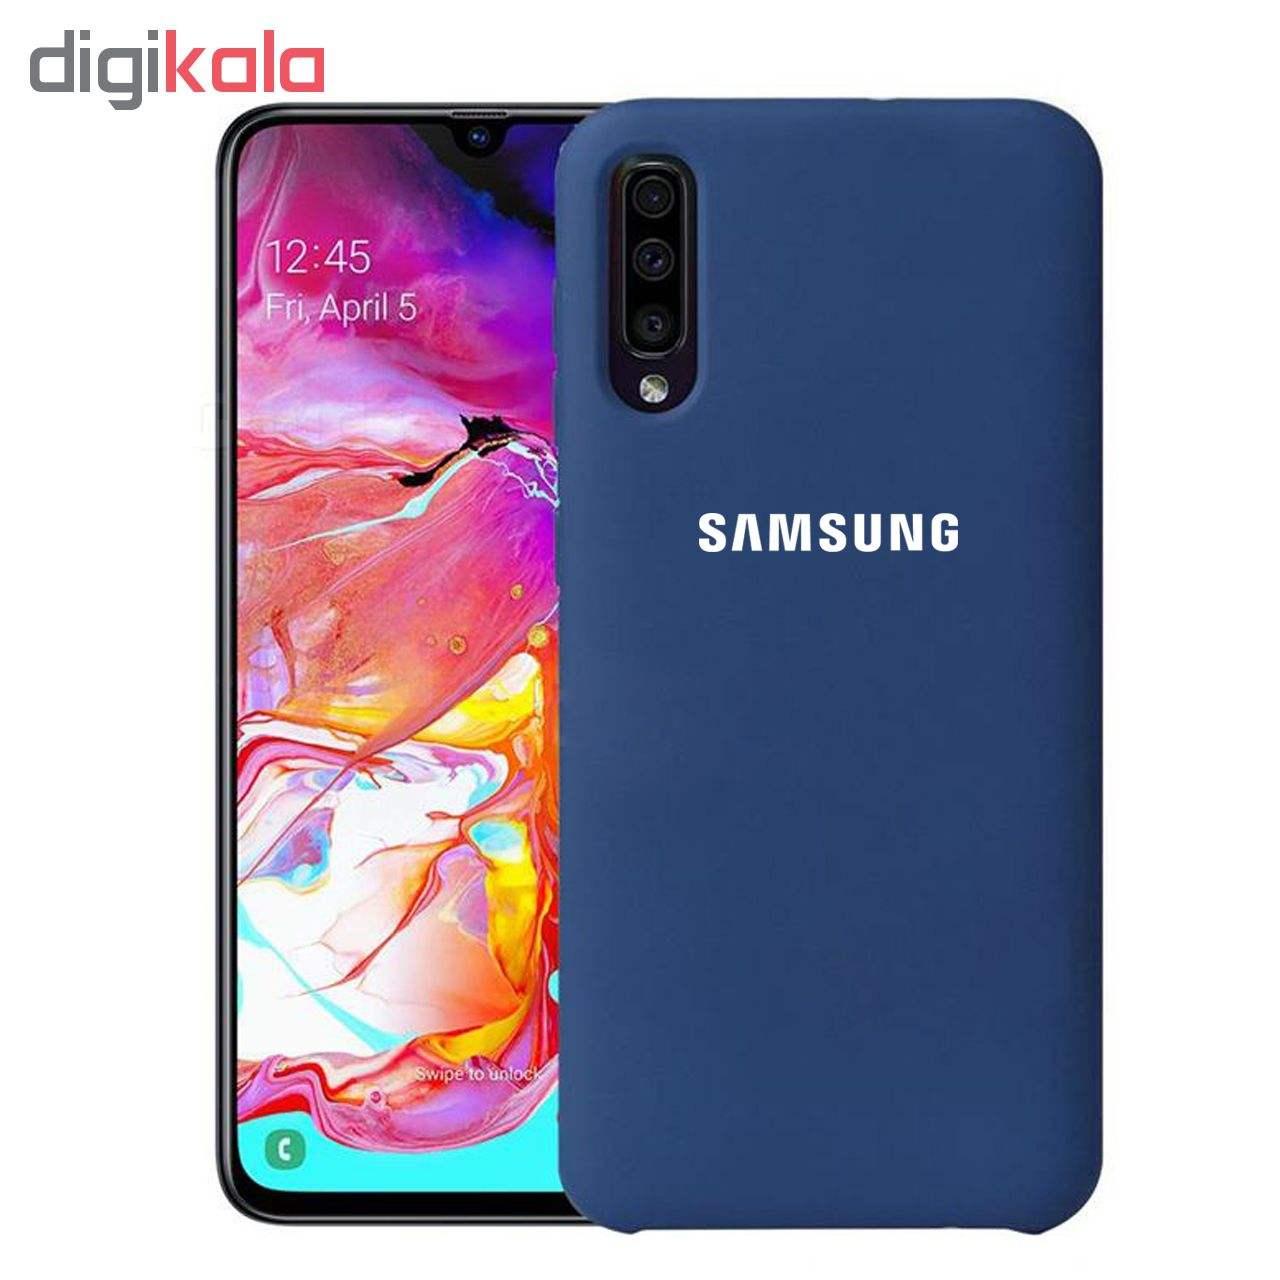 کاور سیلیکونی مدل Silky soft-touch مناسب برای گوشی موبایل سامسونگ Galaxy A70 thumb 3